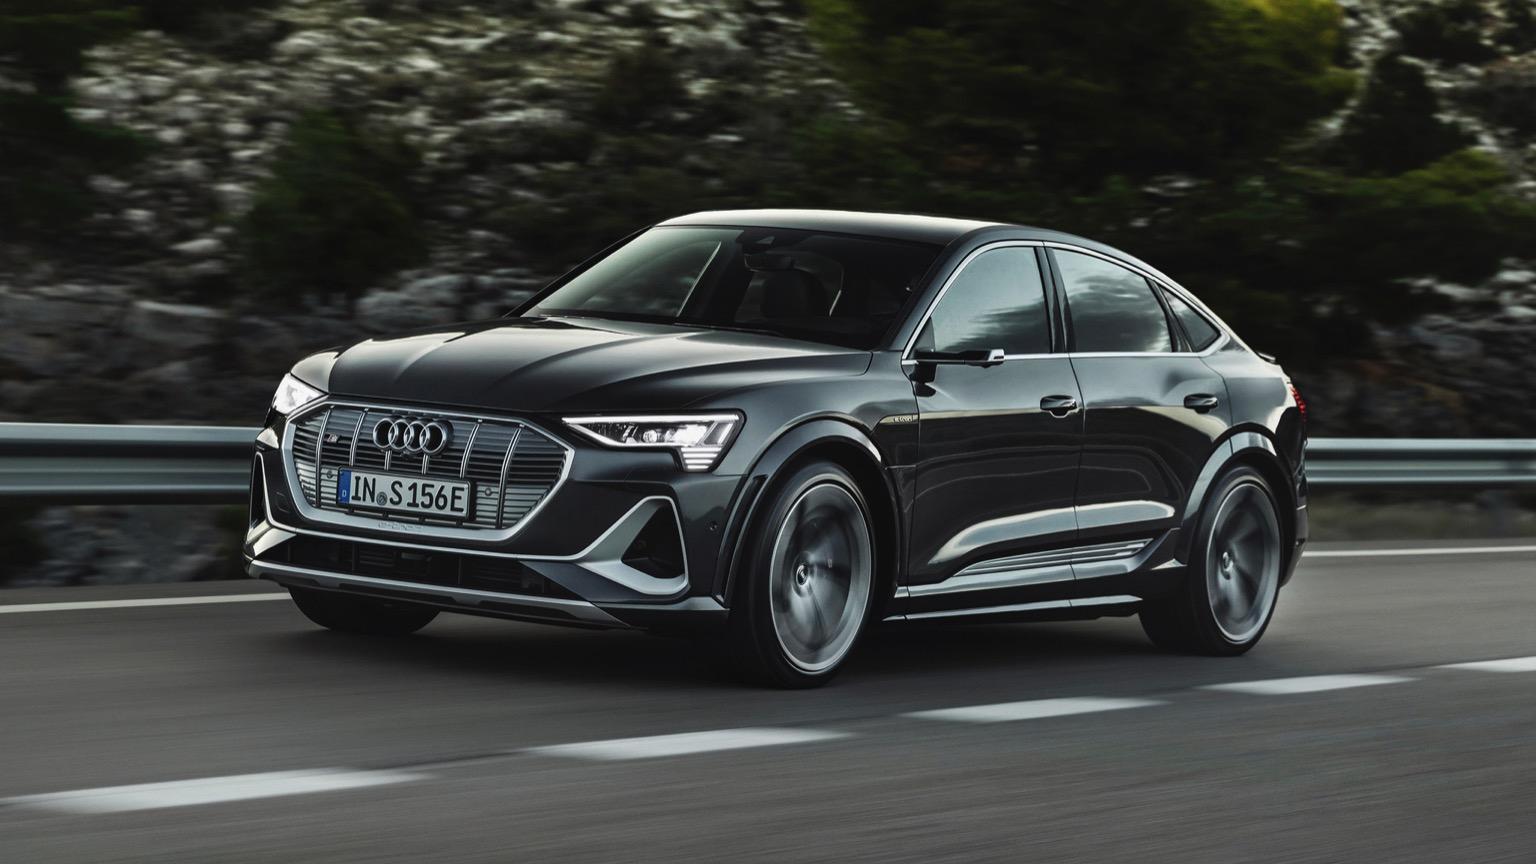 Audi e-tron S Sportback 55 quattro (2020)